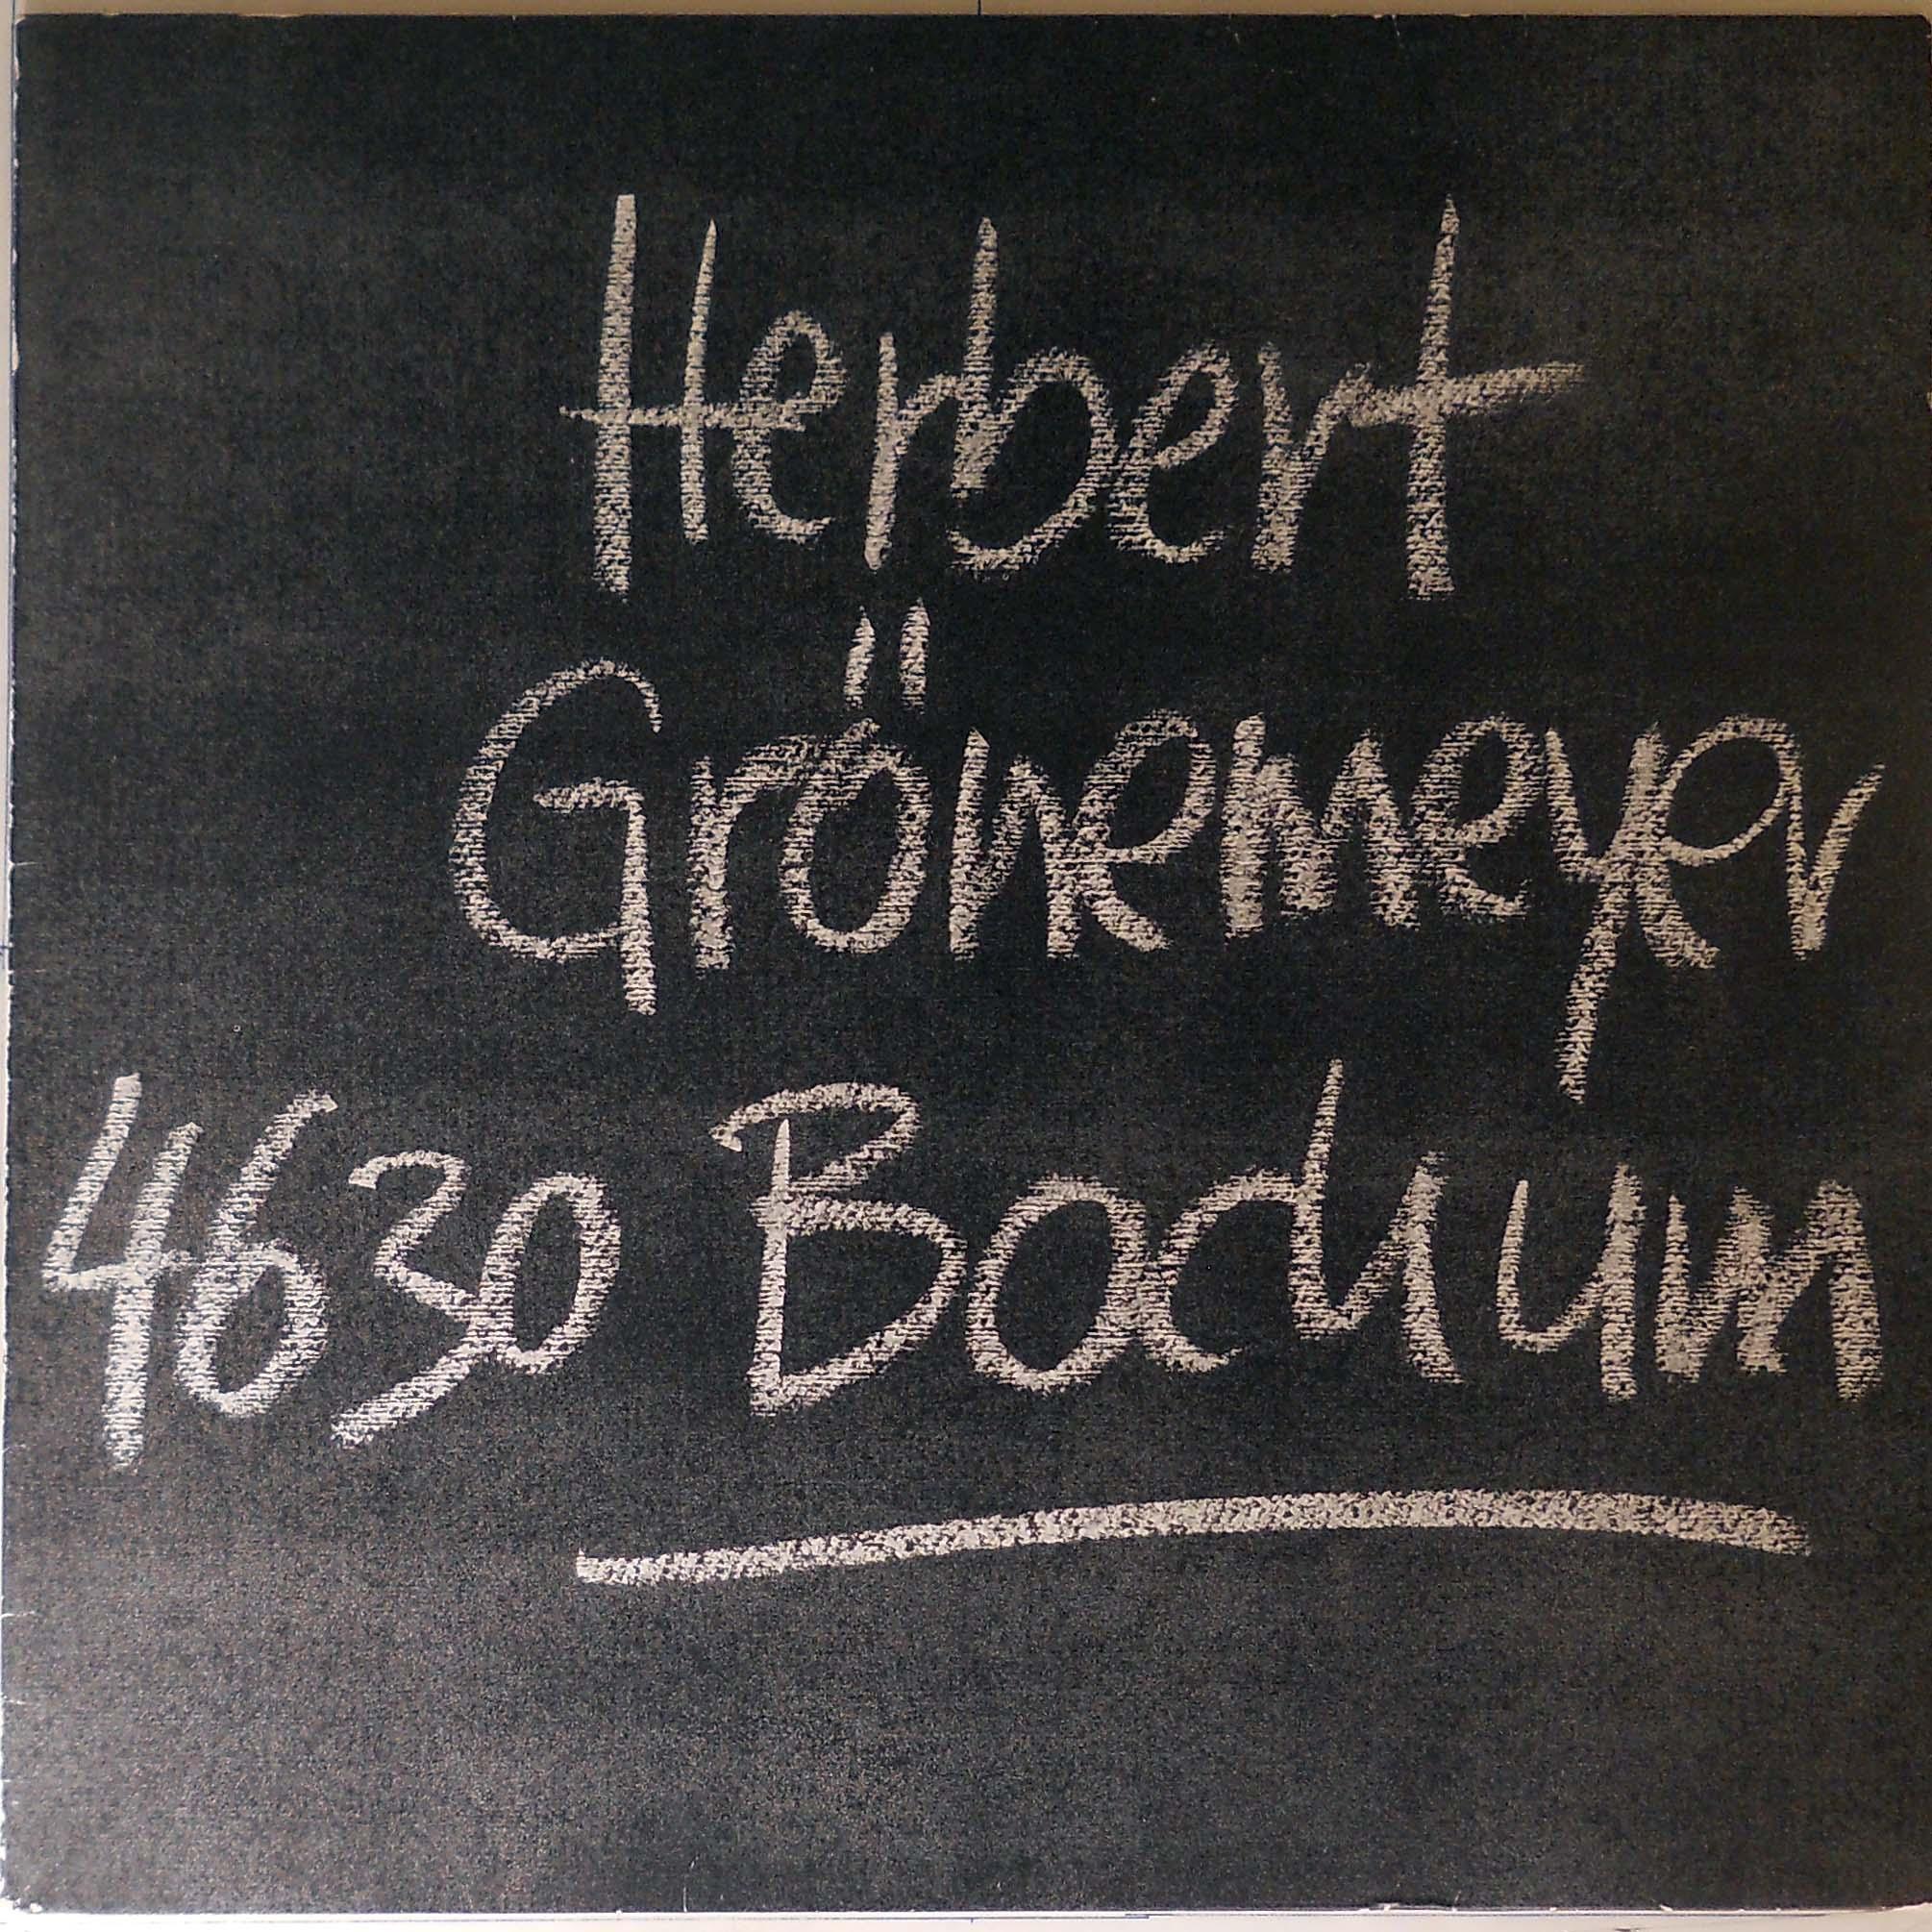 Platz 3: Herbert Grönemeyer verkaufte von seinem Album 4360 BOCHUM von 1984 2,7 Million Exemplare.